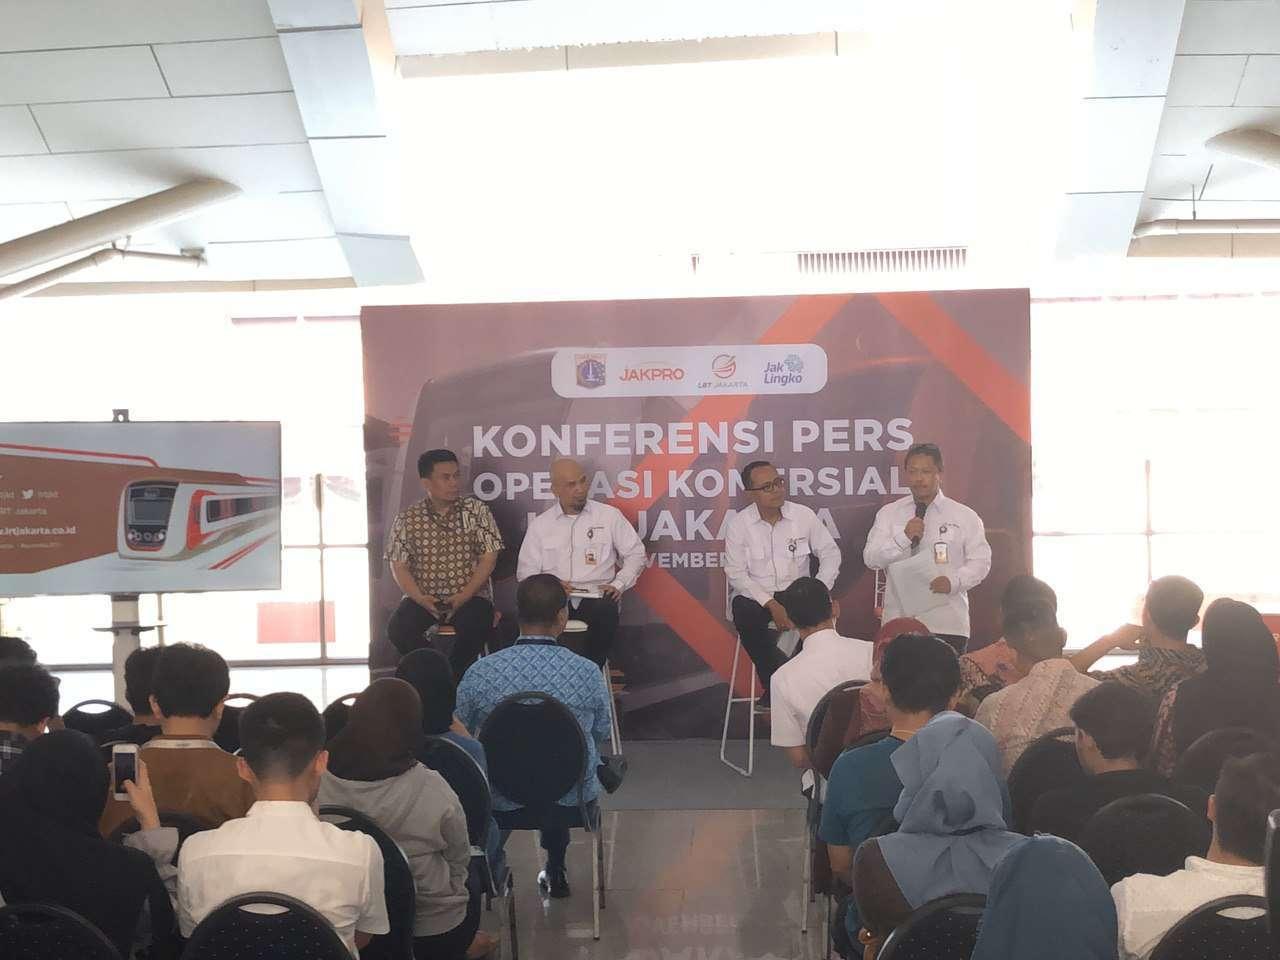 Konferensi pers yang berlangsung Kamis (21/11) sore tadi